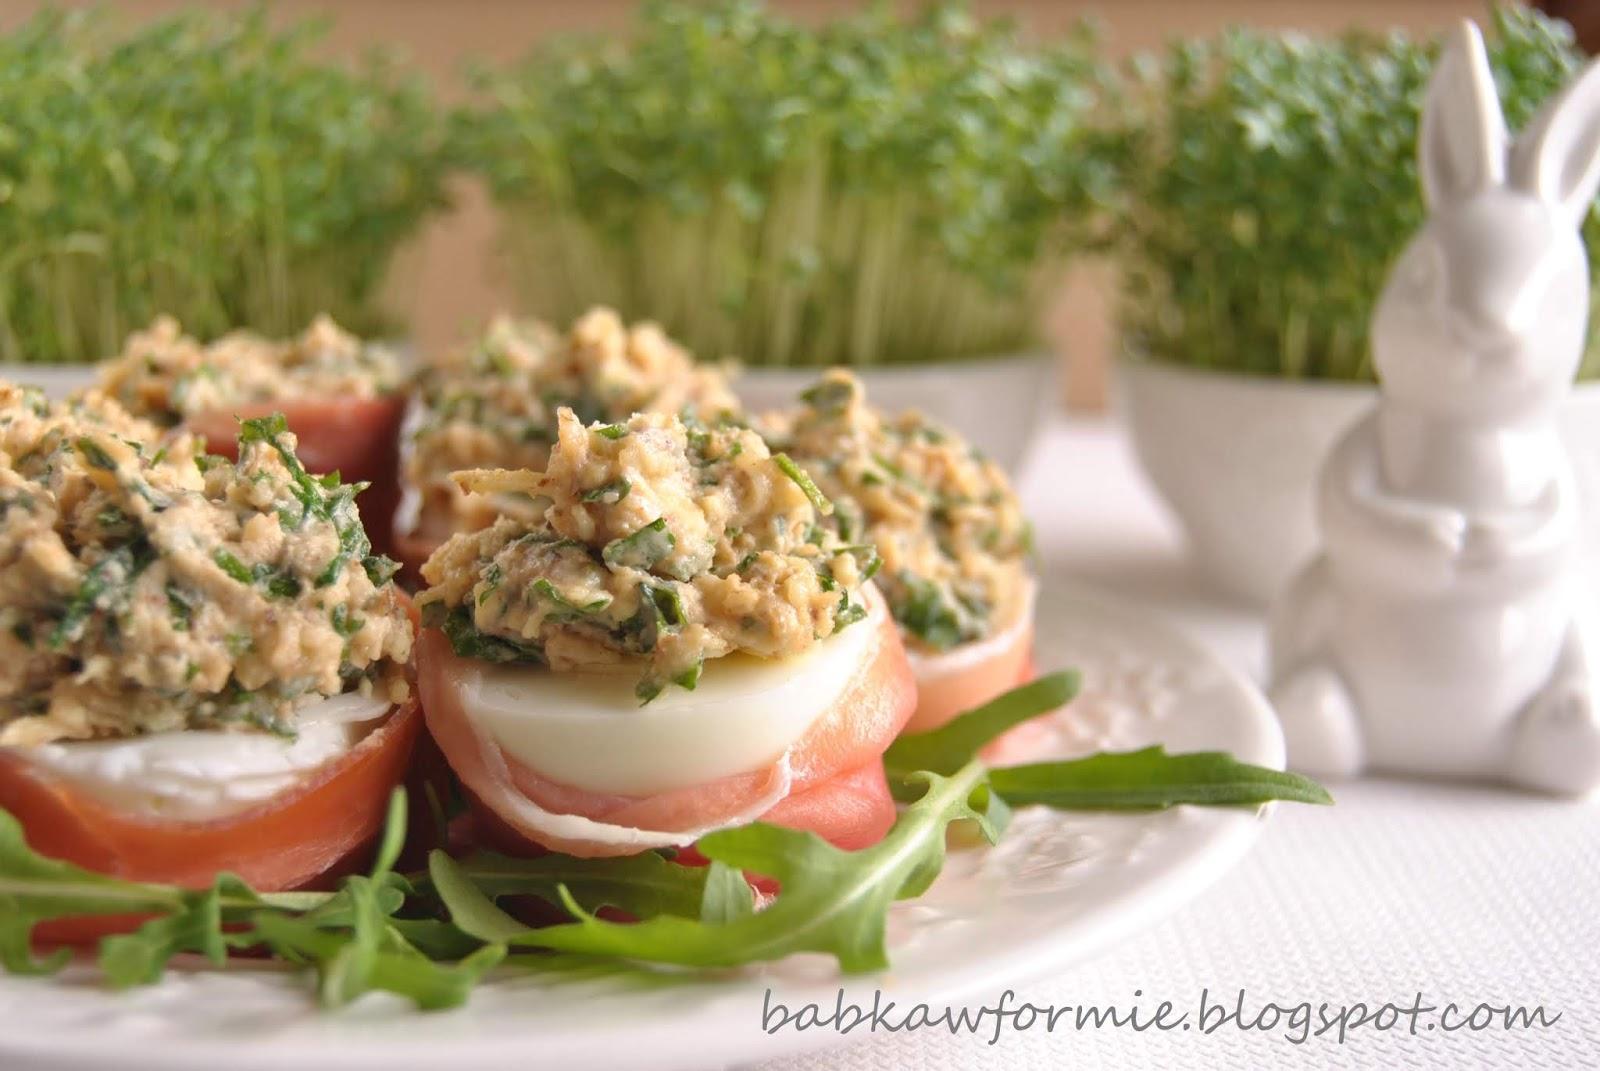 jajka faszerowane rukolą i orzechami babkawformie.blogspot.com